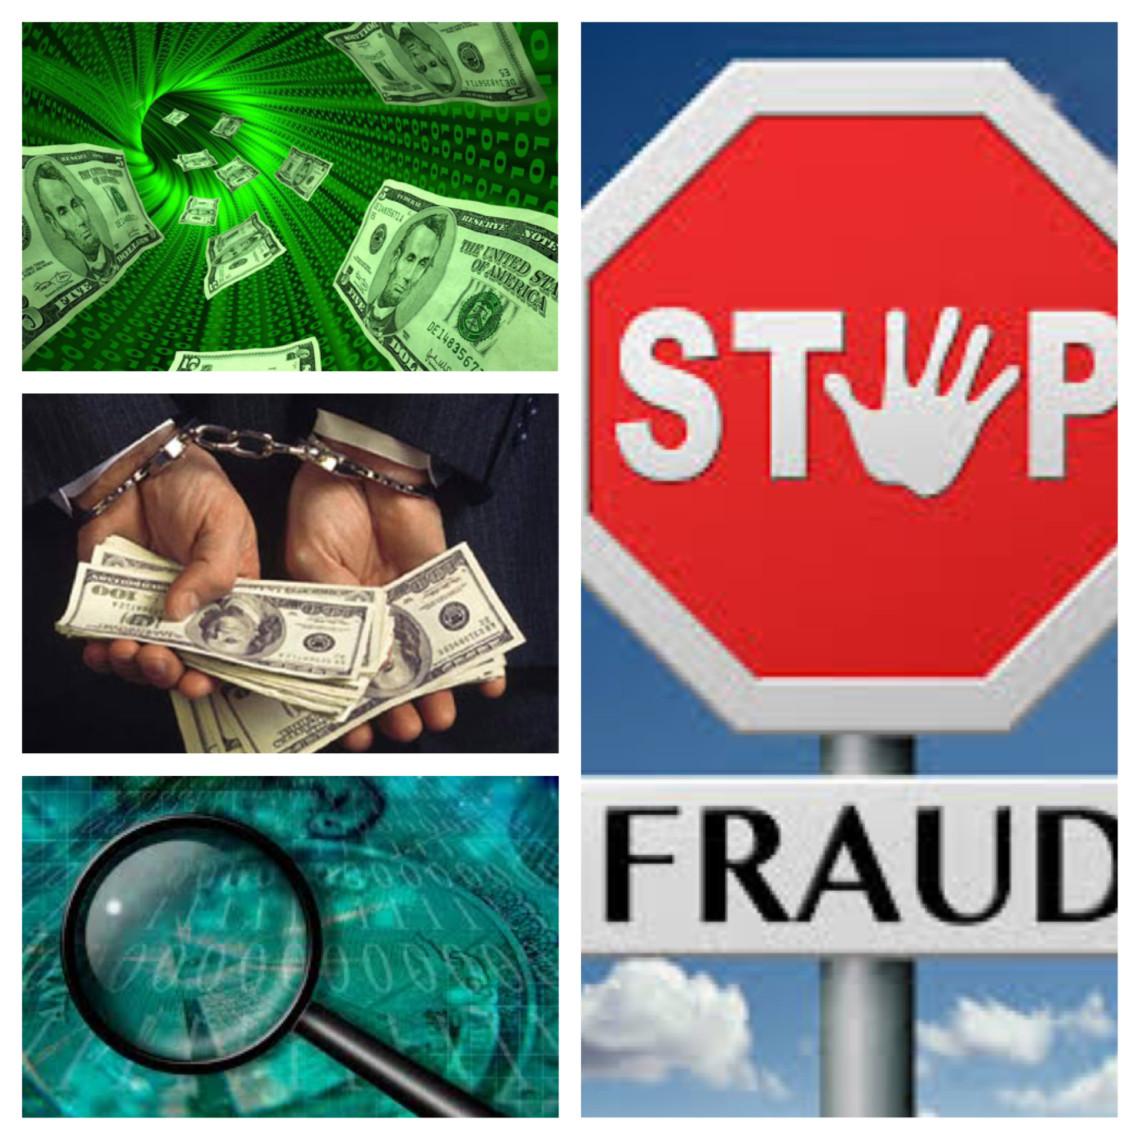 Callagy Law Fraud Photo